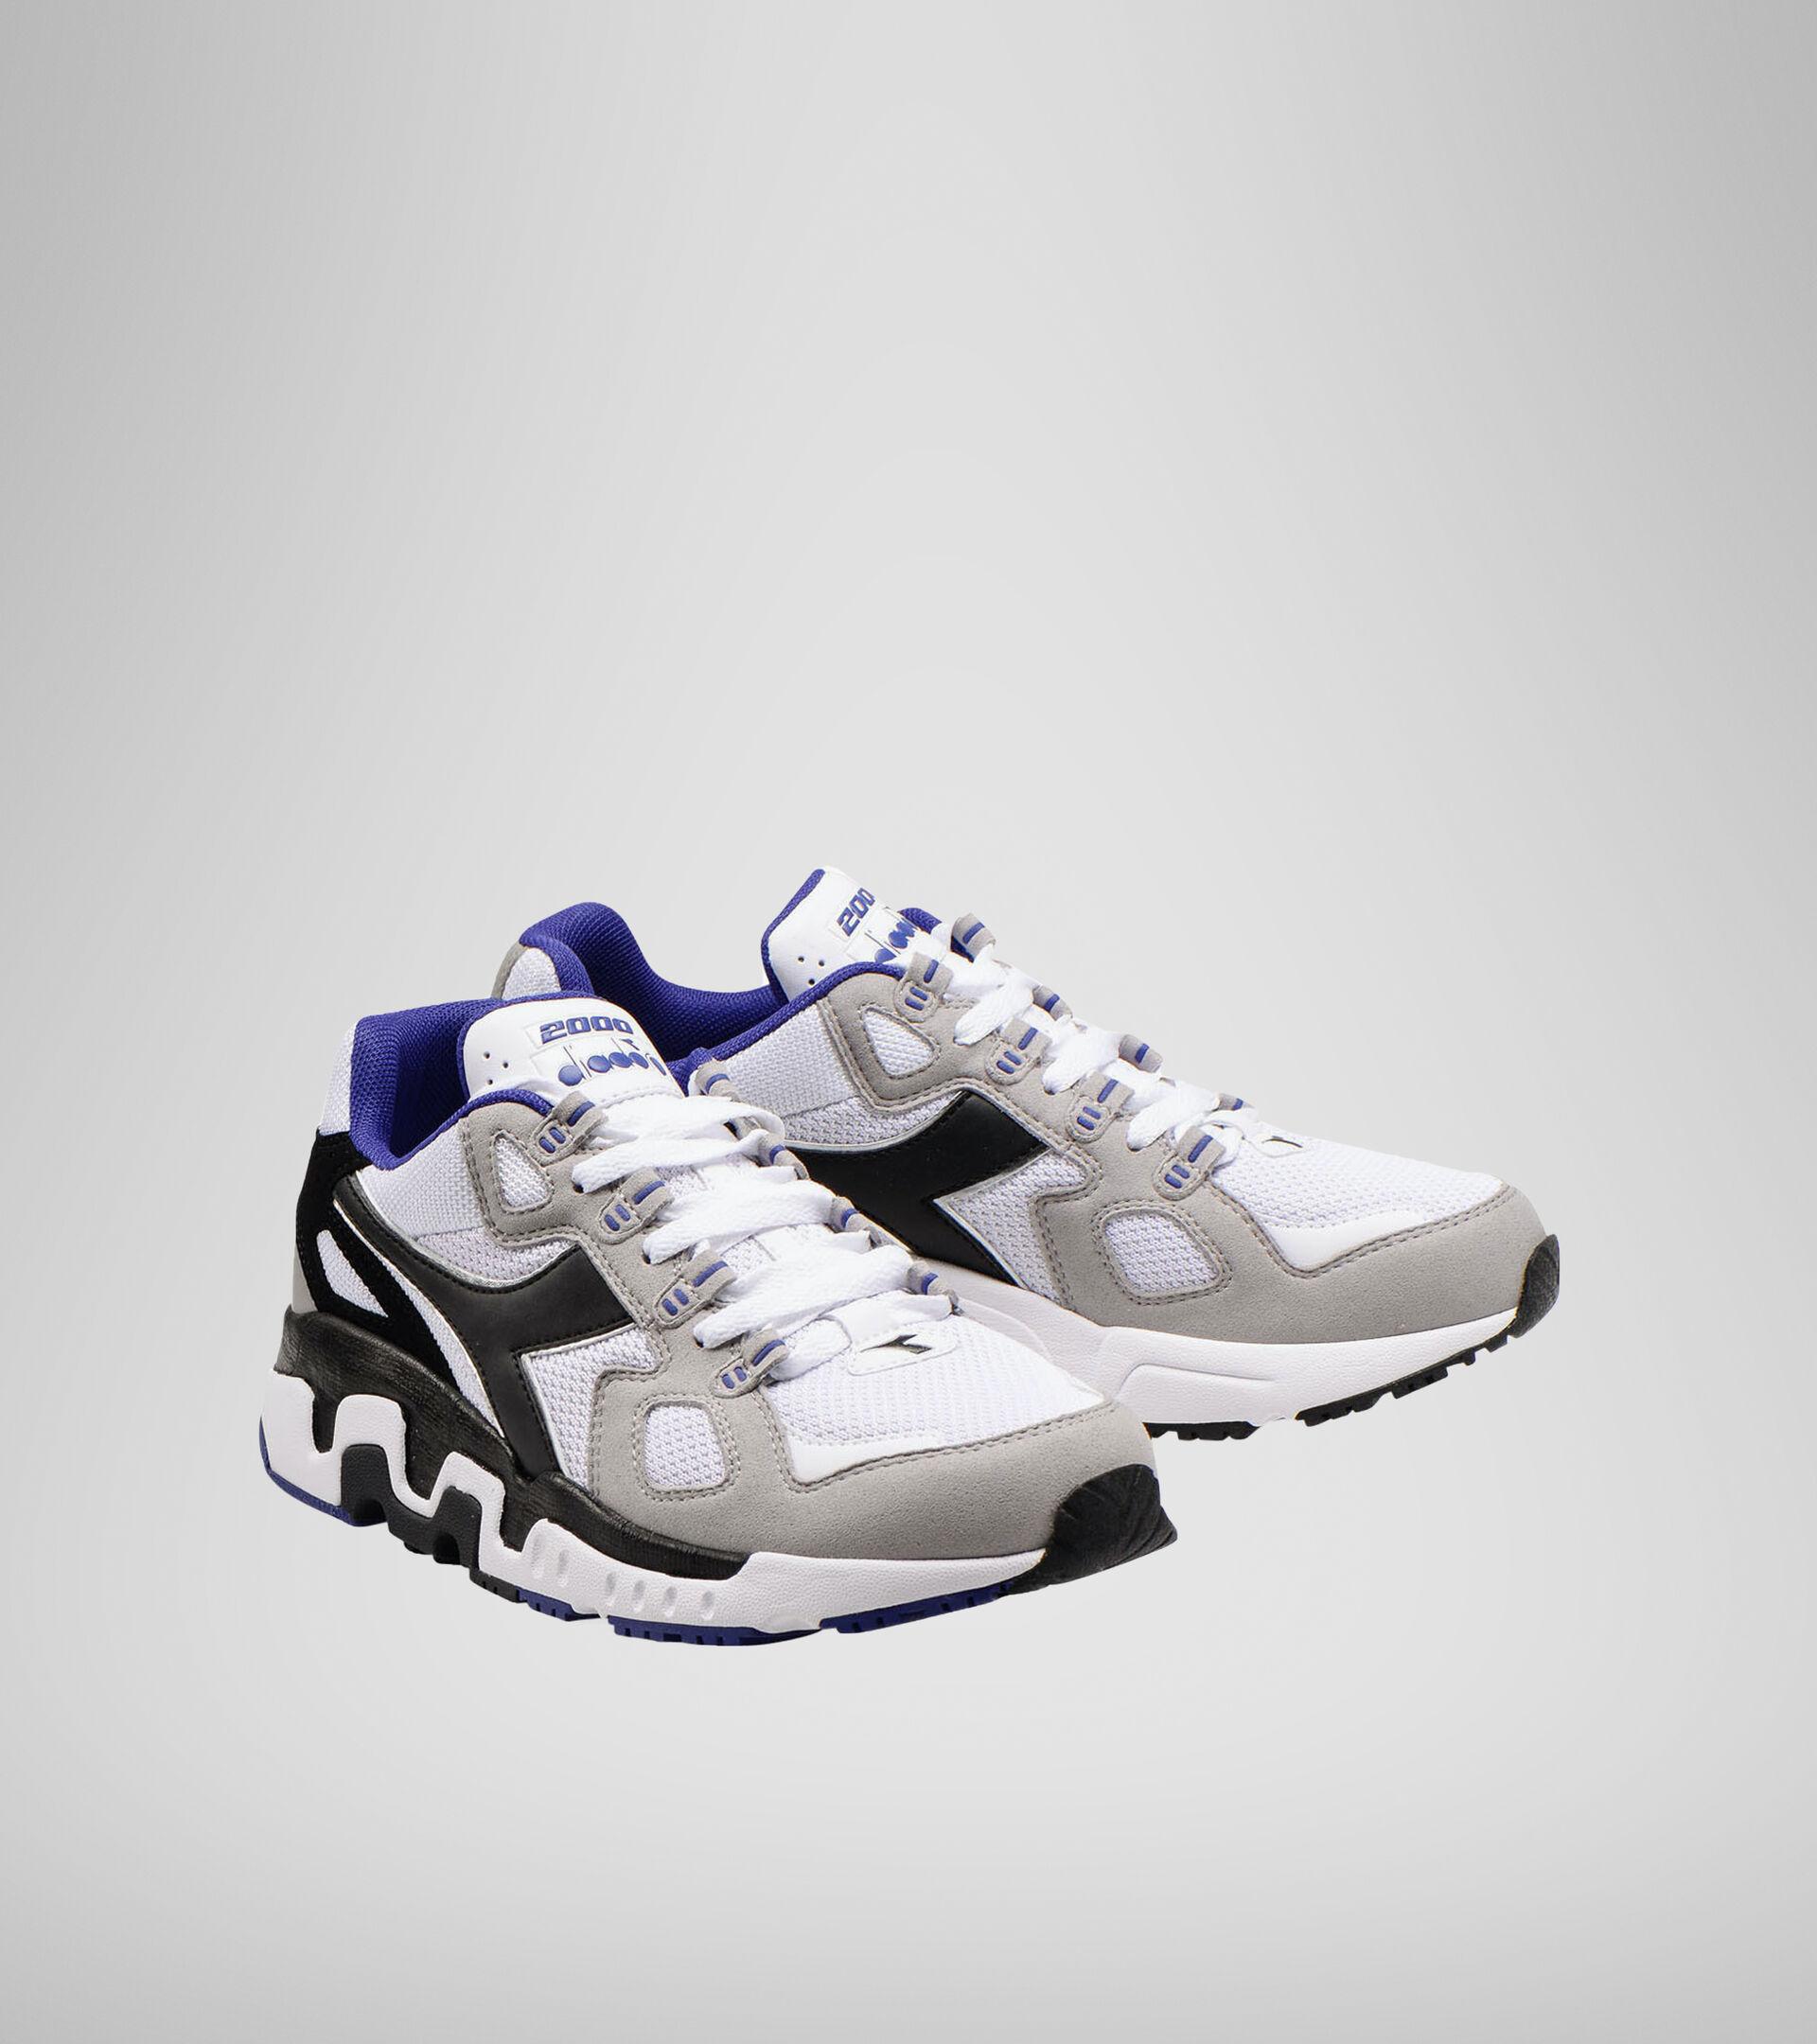 Zapatillas deportivas - Hombre MYTHOS SUEDE BLANCO/NEGRO/CENIZA - Diadora